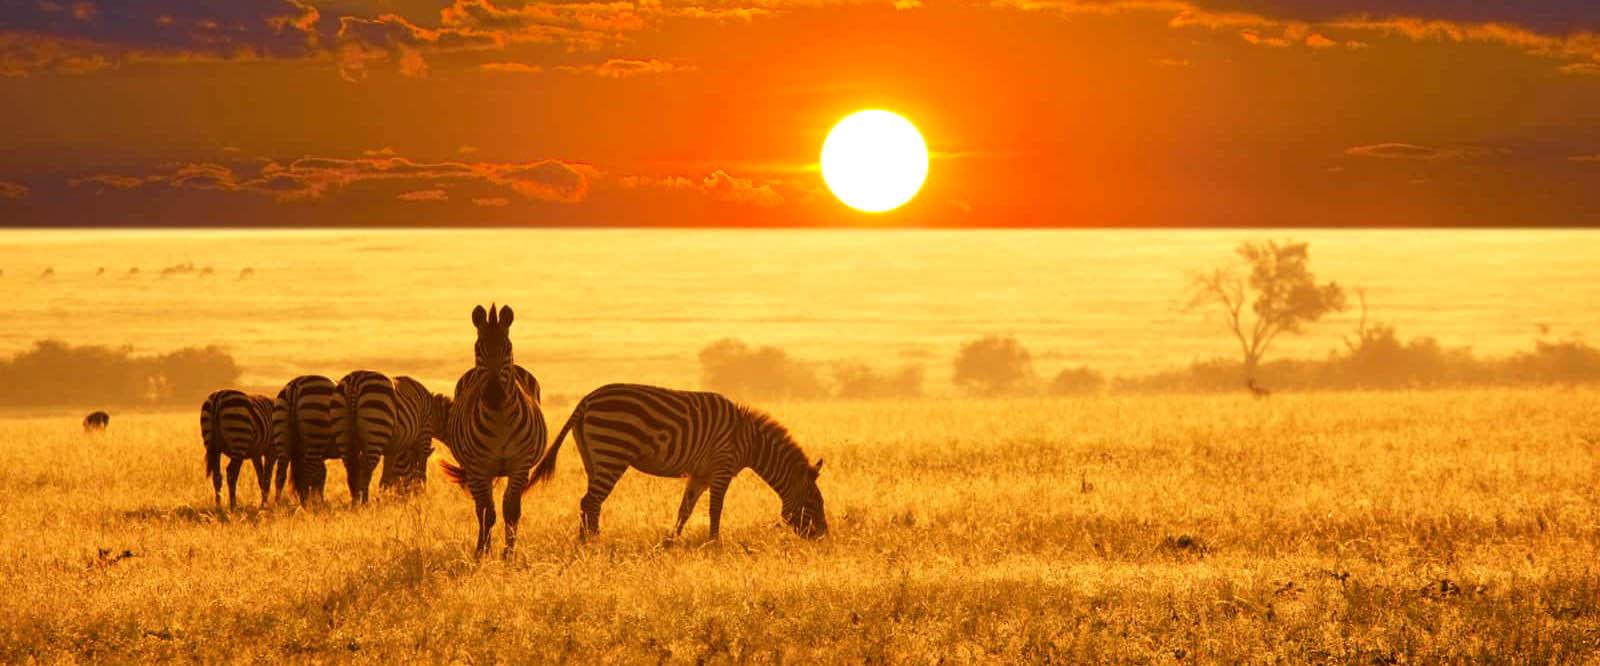 جاهای دیدنی آفریقا برای آنان که حیات وحش دوست دارند